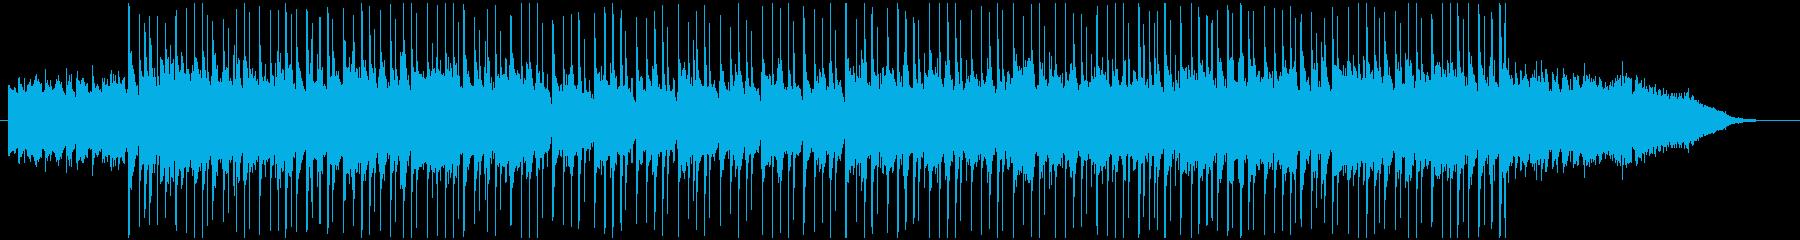 明るくポップなBGMの再生済みの波形